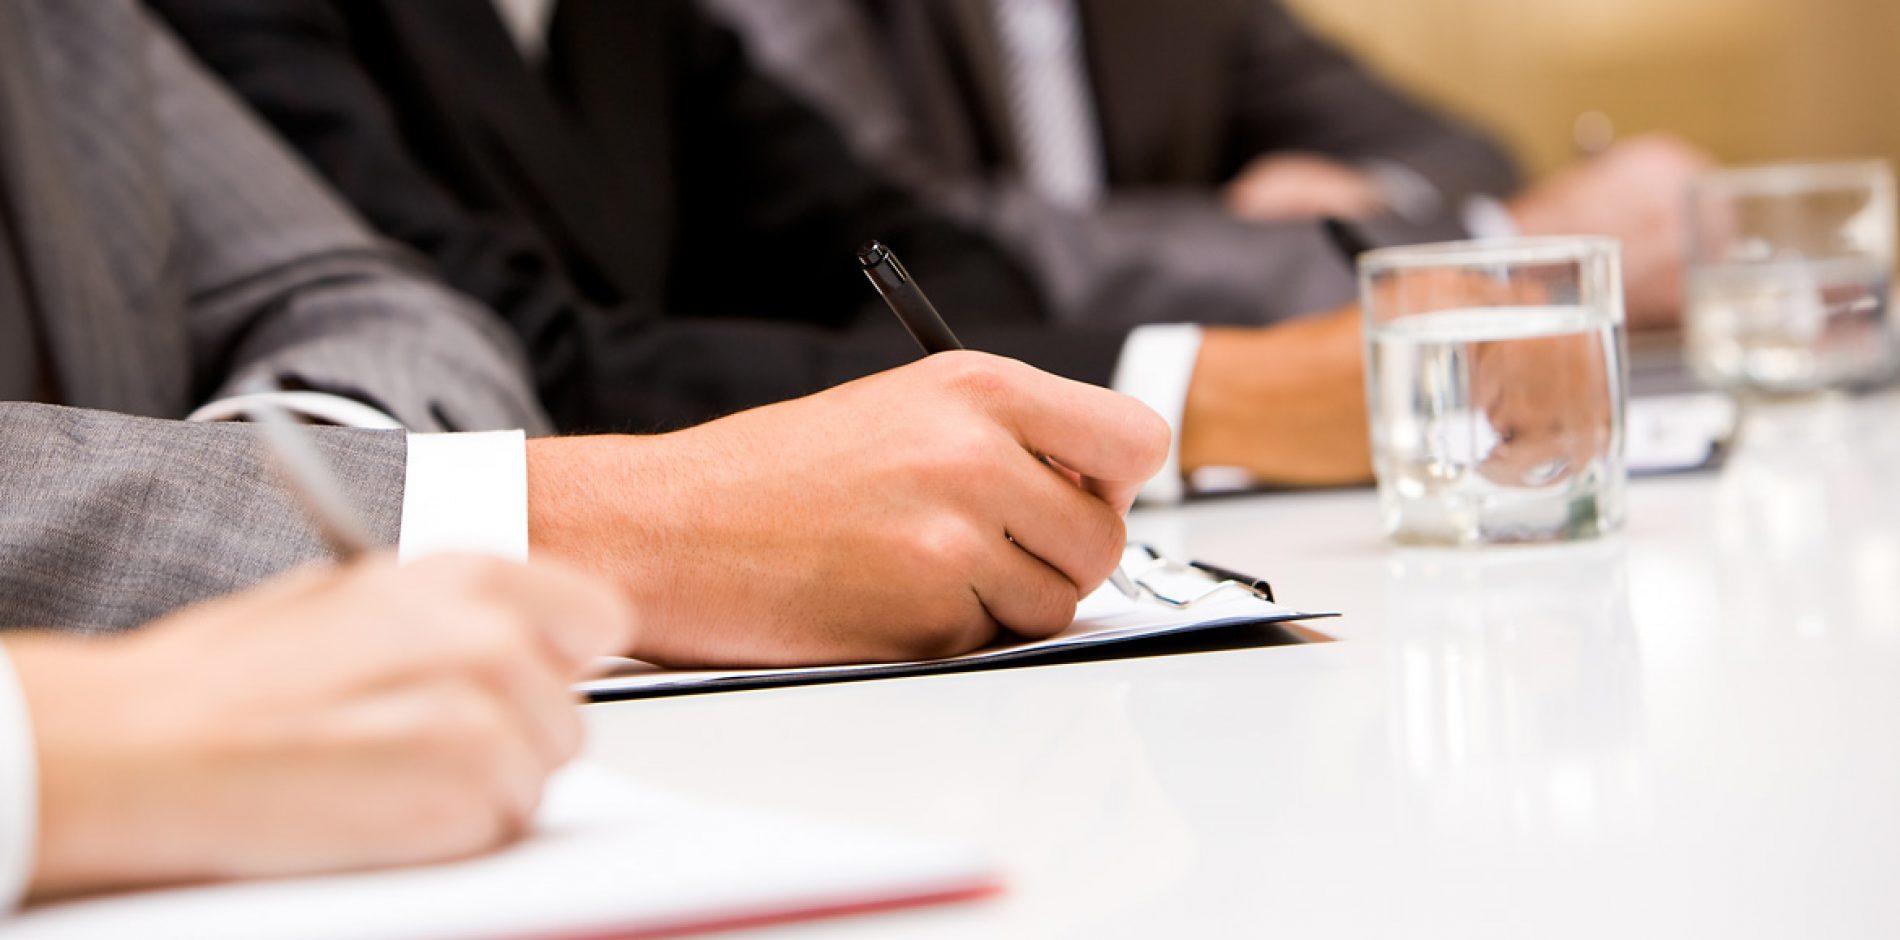 Somministrazione a termine: l'accordo sulle proroghe acausali e le novità del D.l. n. 104 [E.Massi]